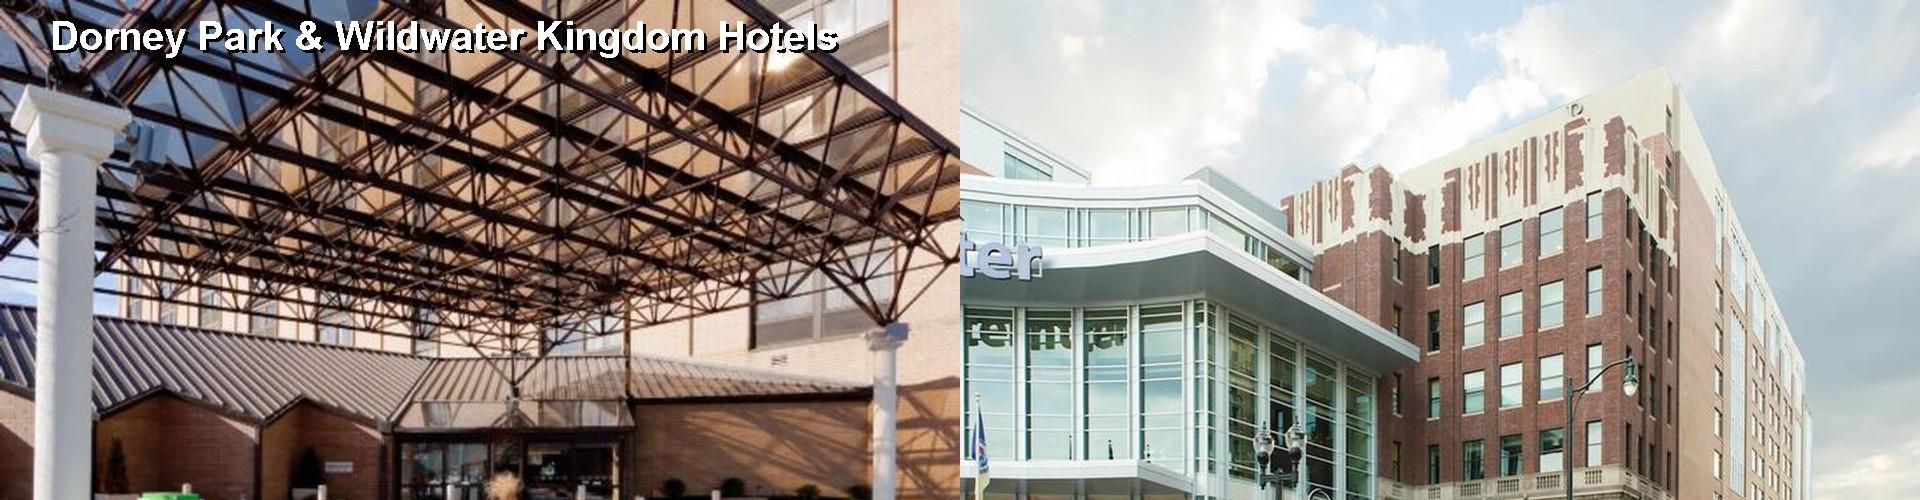 $61+ Hotels Near Dorney Park & Wildwater Kingdom in Allentown PA